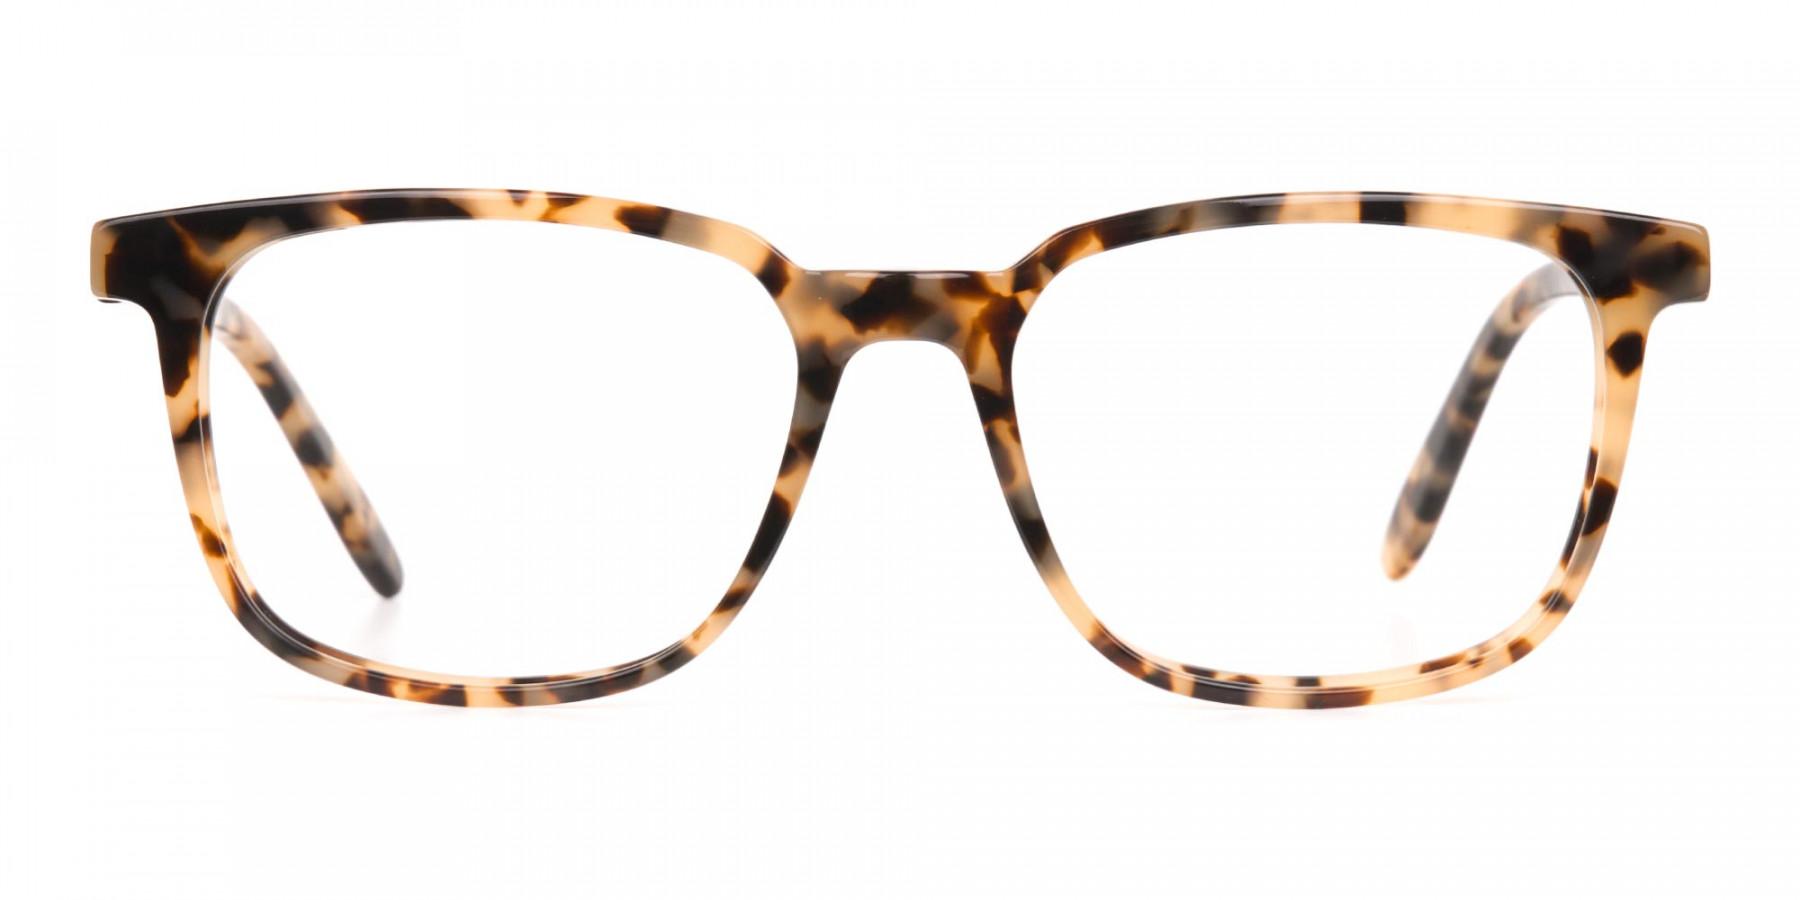 Cream Tortoise Rectangular Glasses Acetate Unisex-1